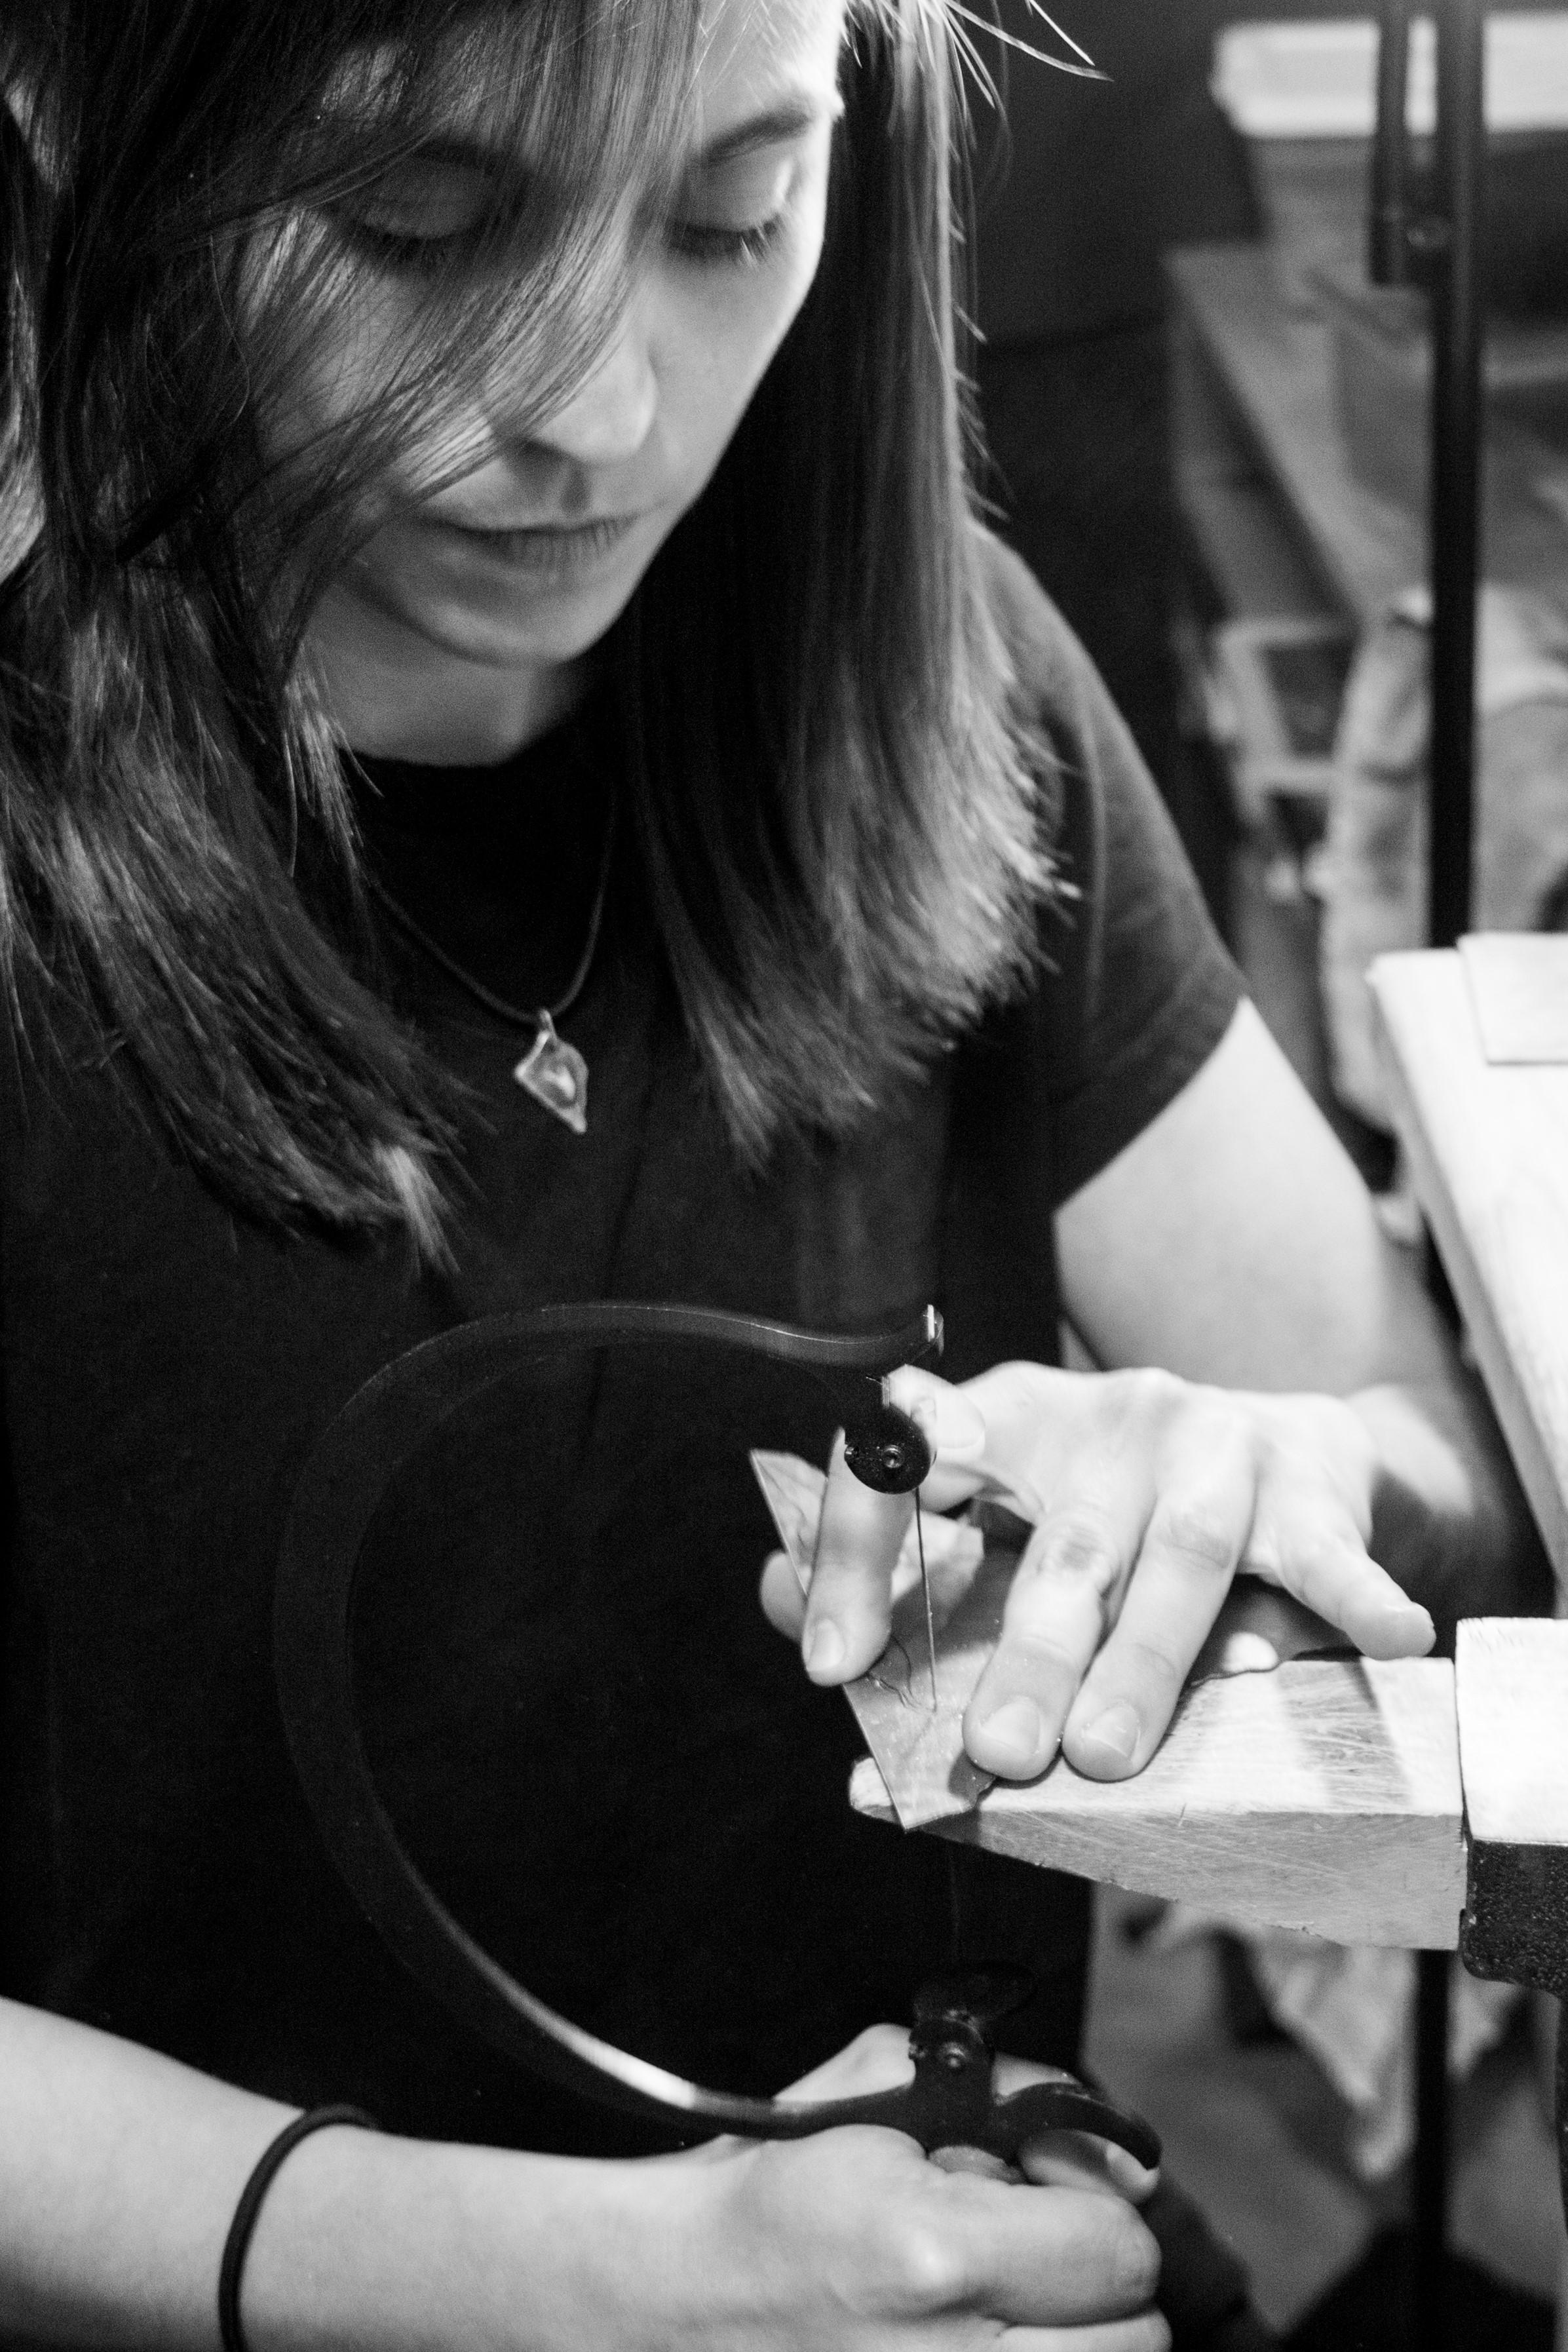 arianna-morales-metalsmith-workshop.jpg